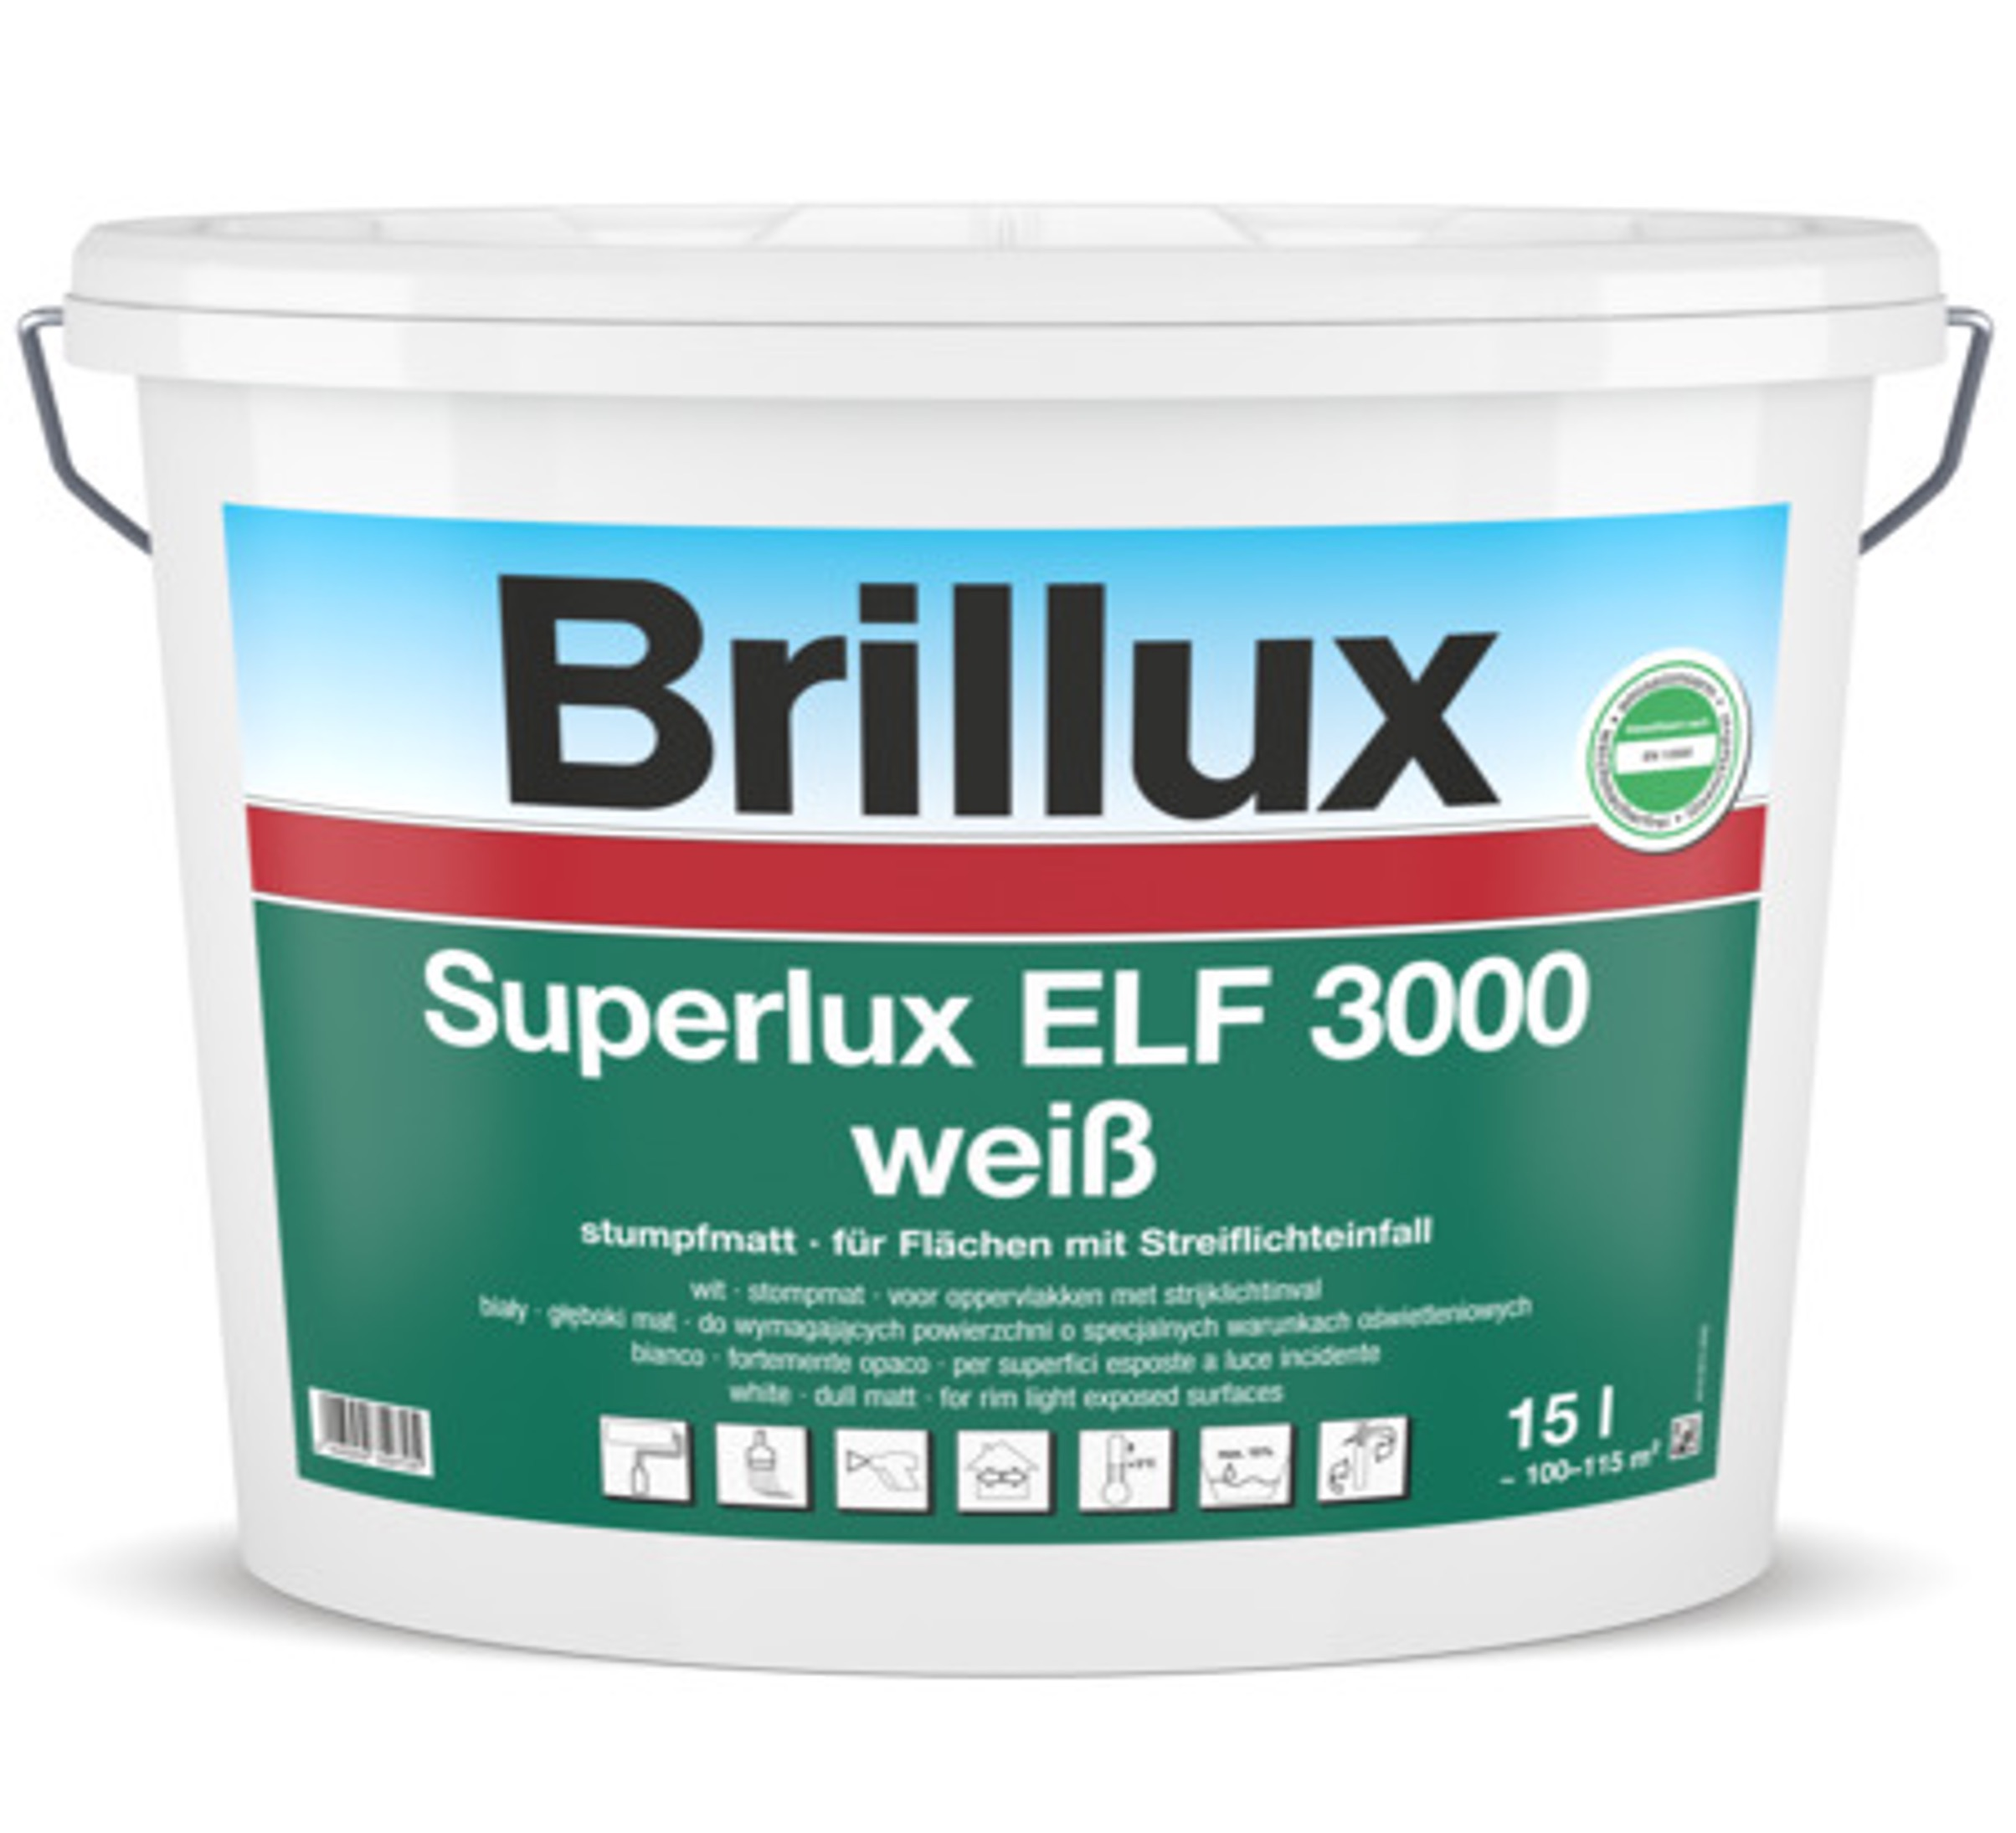 Brillux Superlux 3000 Wand- und Deckenlatexfarbe Image